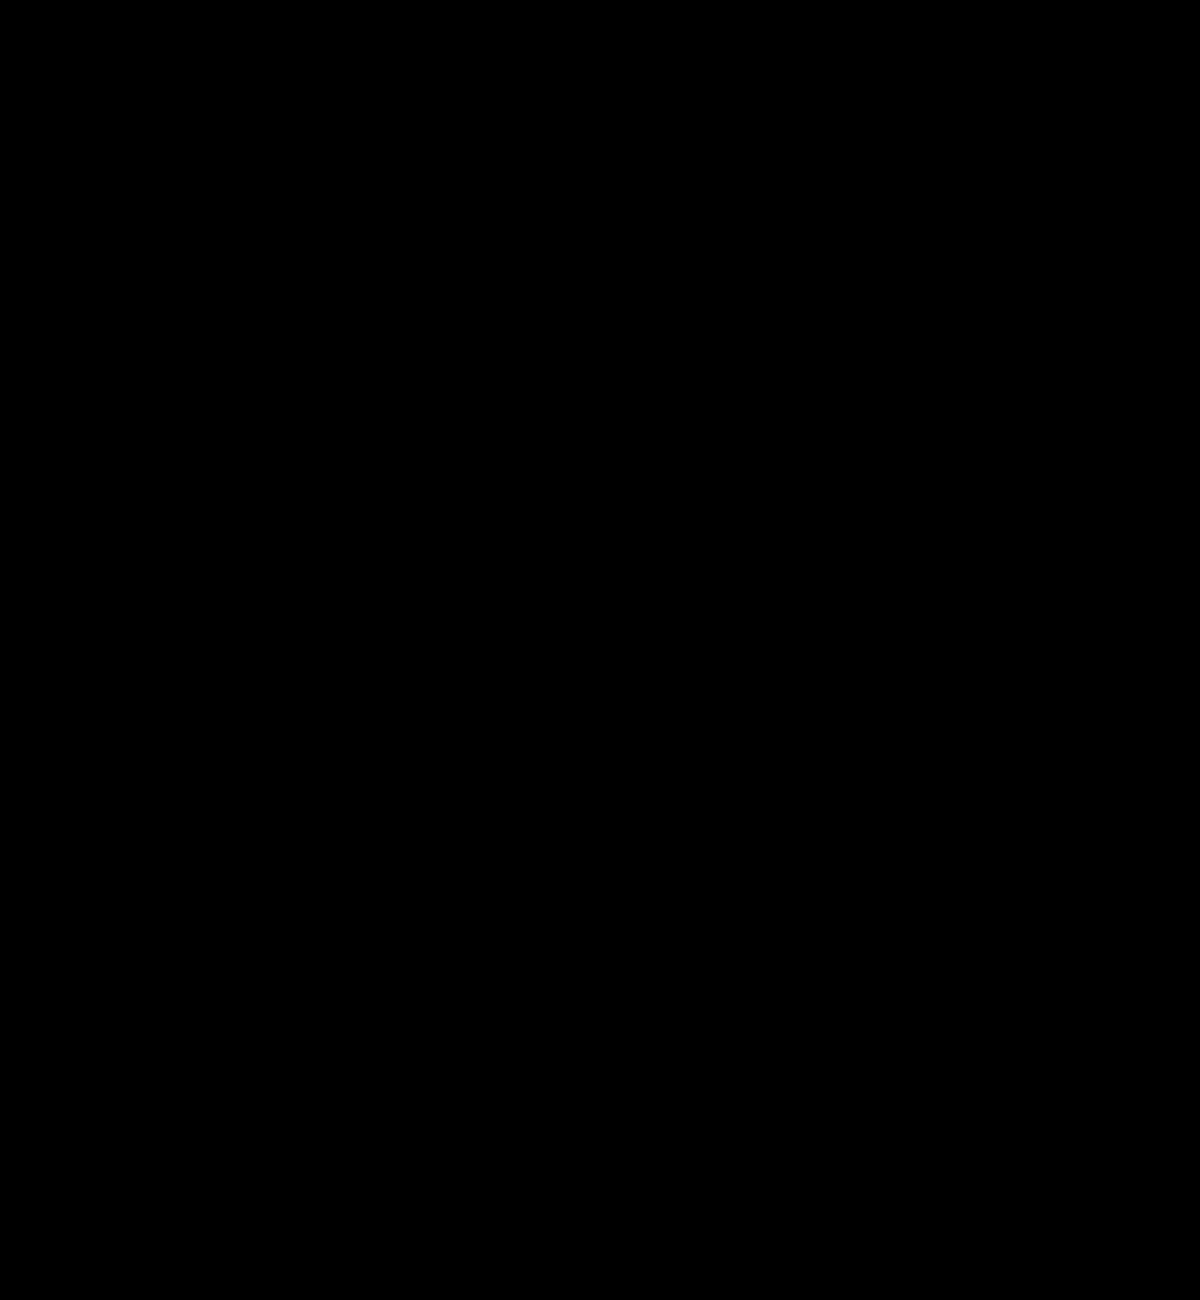 Körömféreg milyen típusú - Különbség a körömféreg és a szalagféreg között - A Különbség Köztük